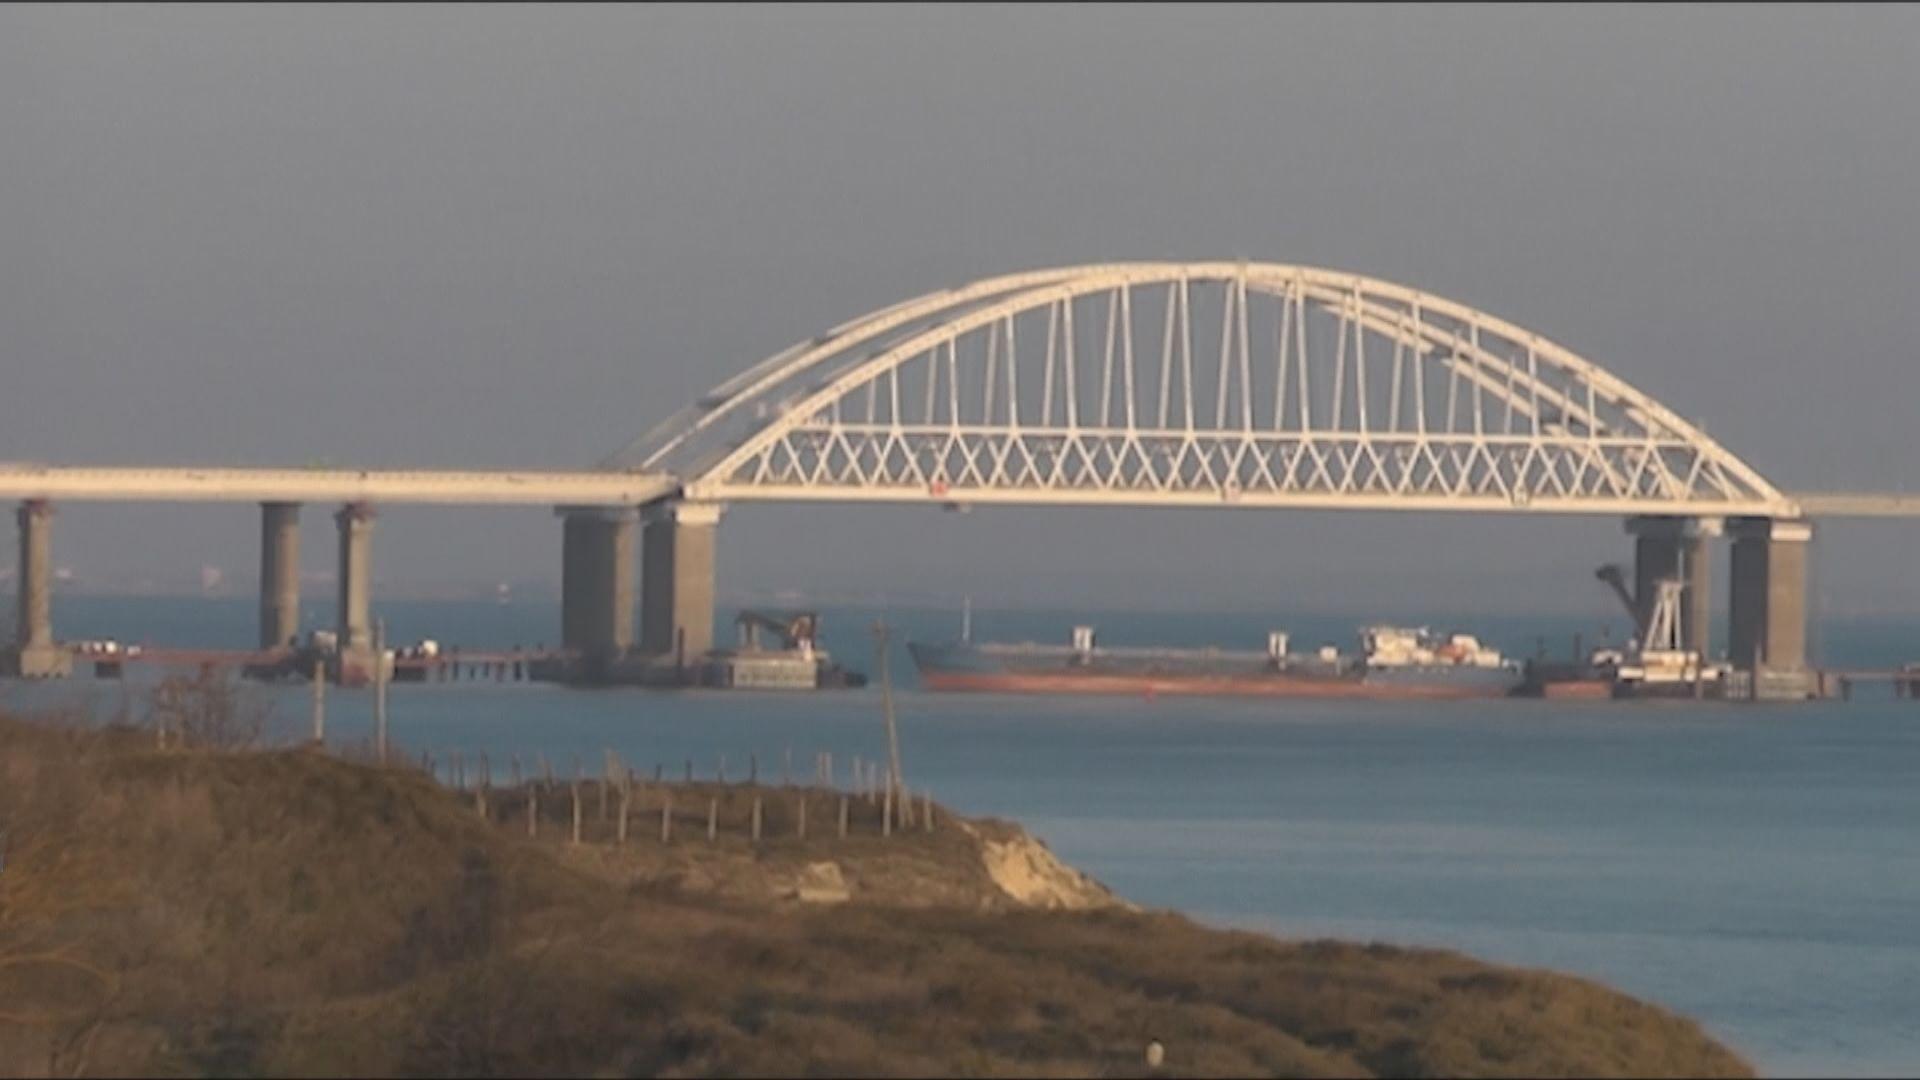 俄羅斯封鎖刻赤海峽阻烏軍艦通過